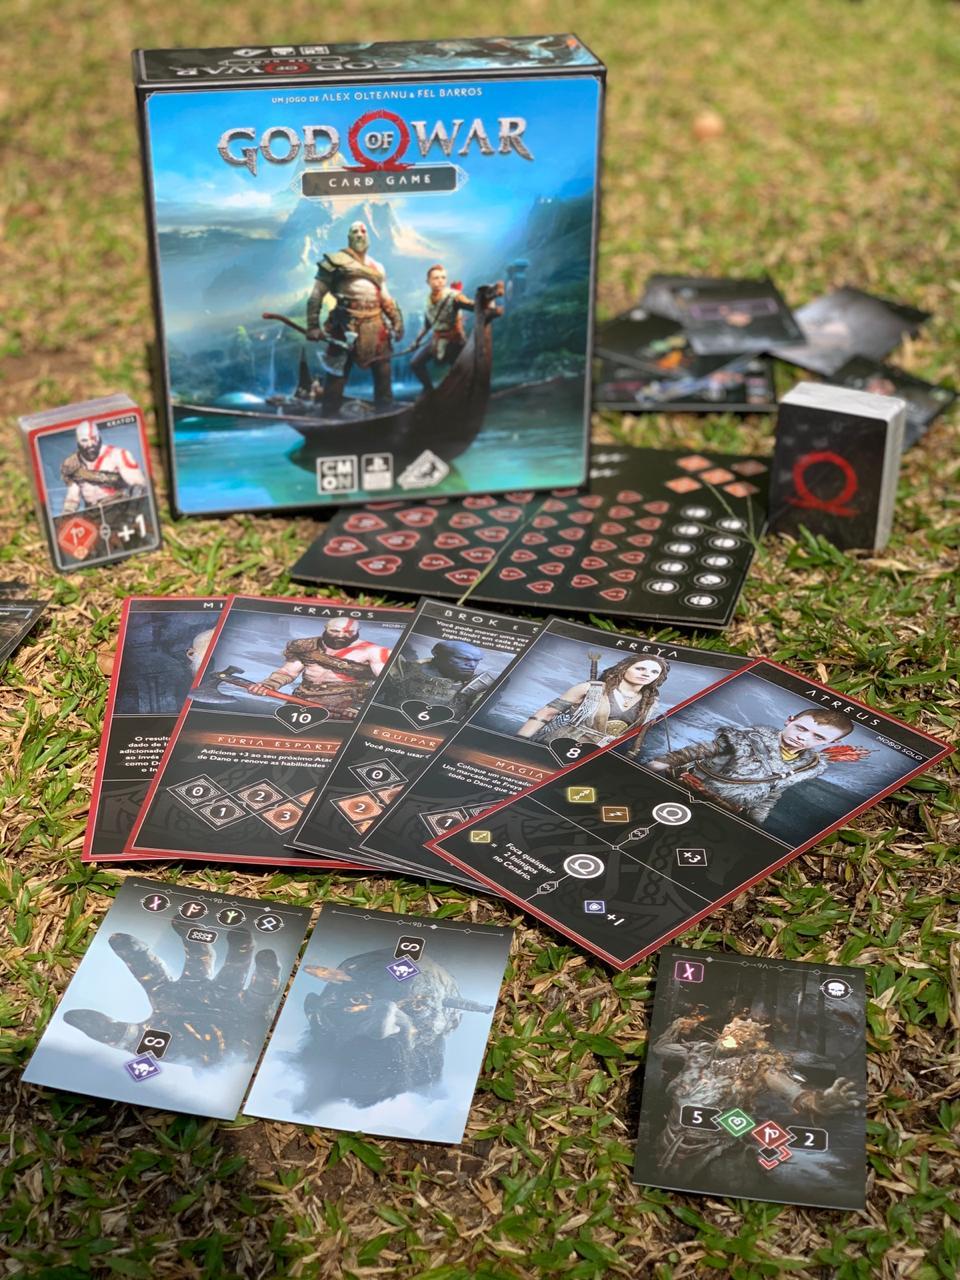 Jogo de Tabuleiro (Board Games) God of War: Card Game - Galápagos Jogos